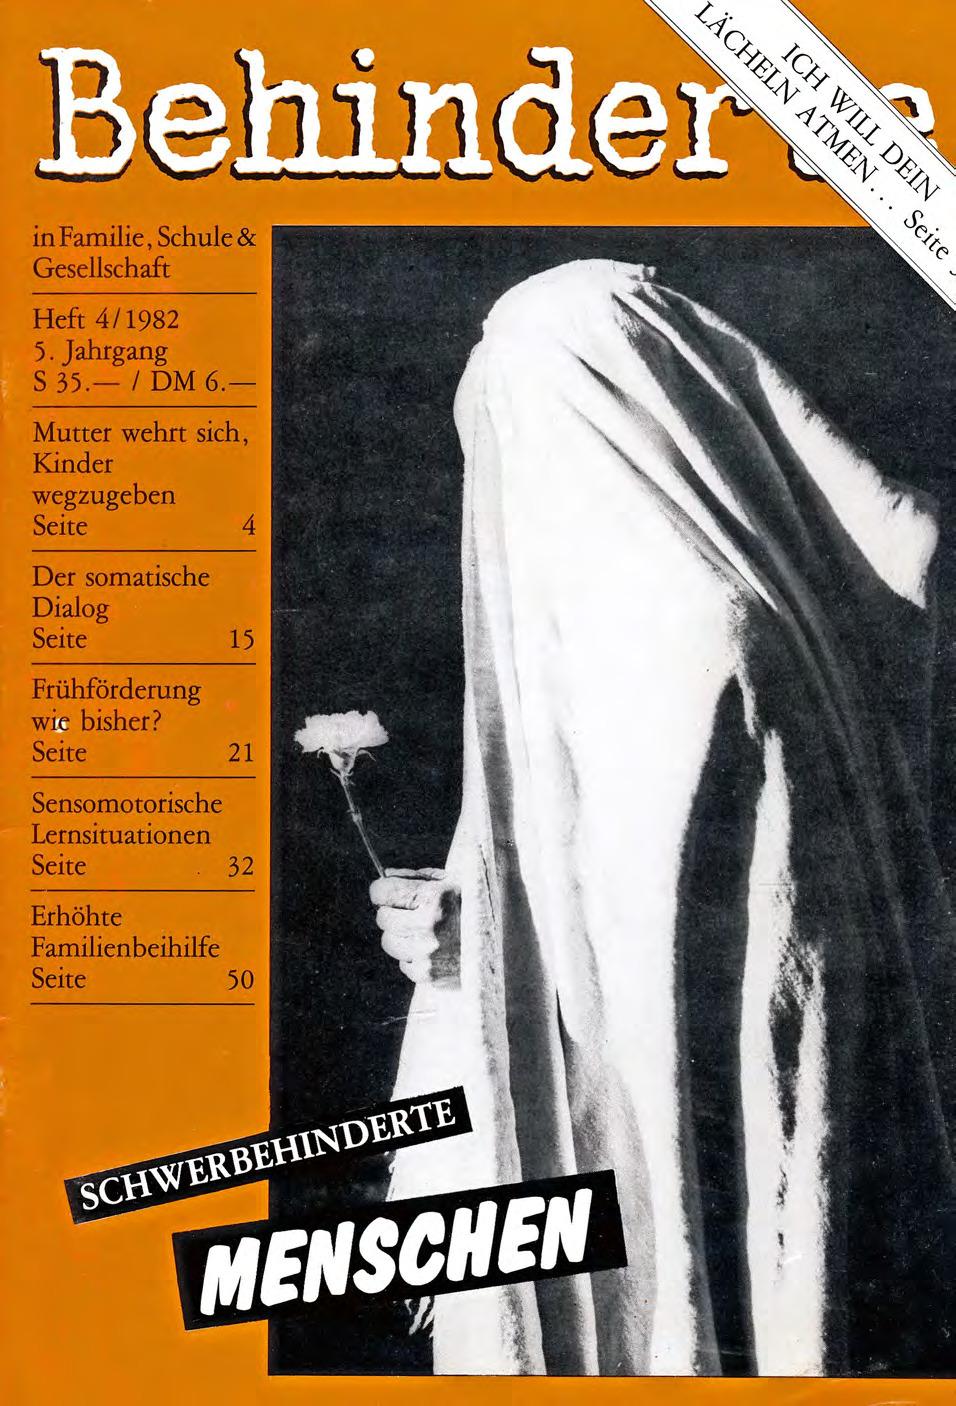 """Titelbild der Zeitschrift BEHINDERTE MENSCHEN, Ausgabe 4/1982 """"Schwerbehinderte Menschen"""""""